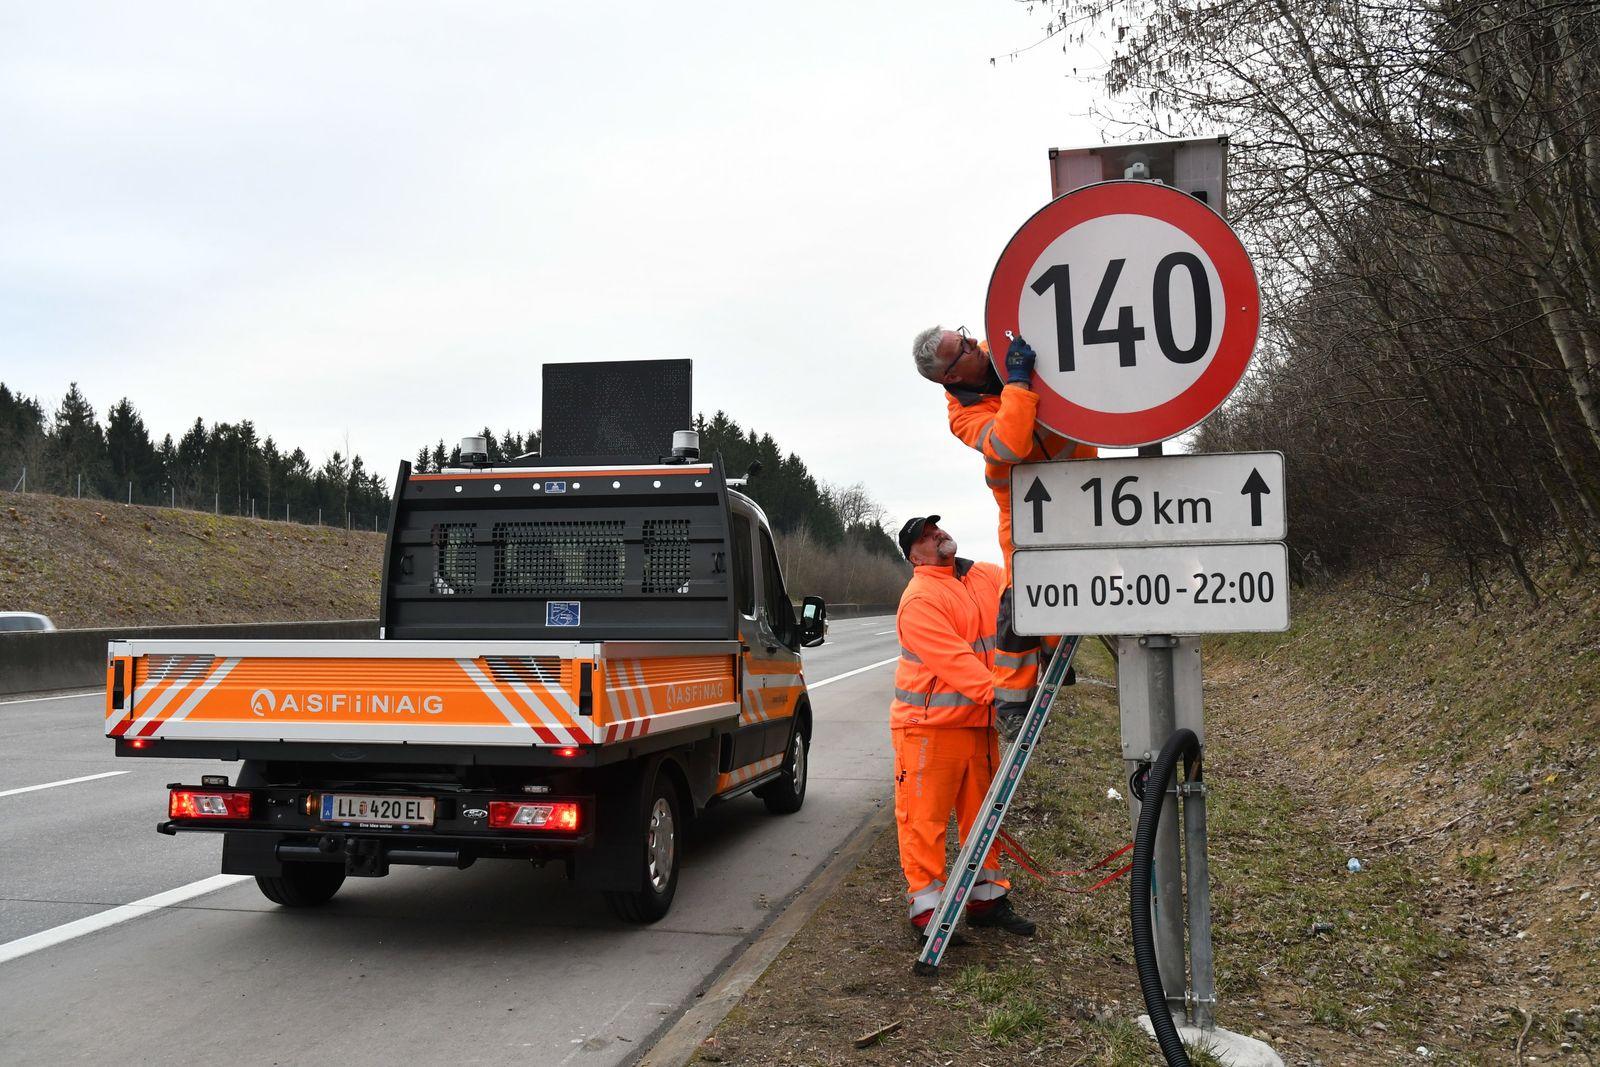 Österreich beendet Test mit Tempo 140 auf Autobahnen